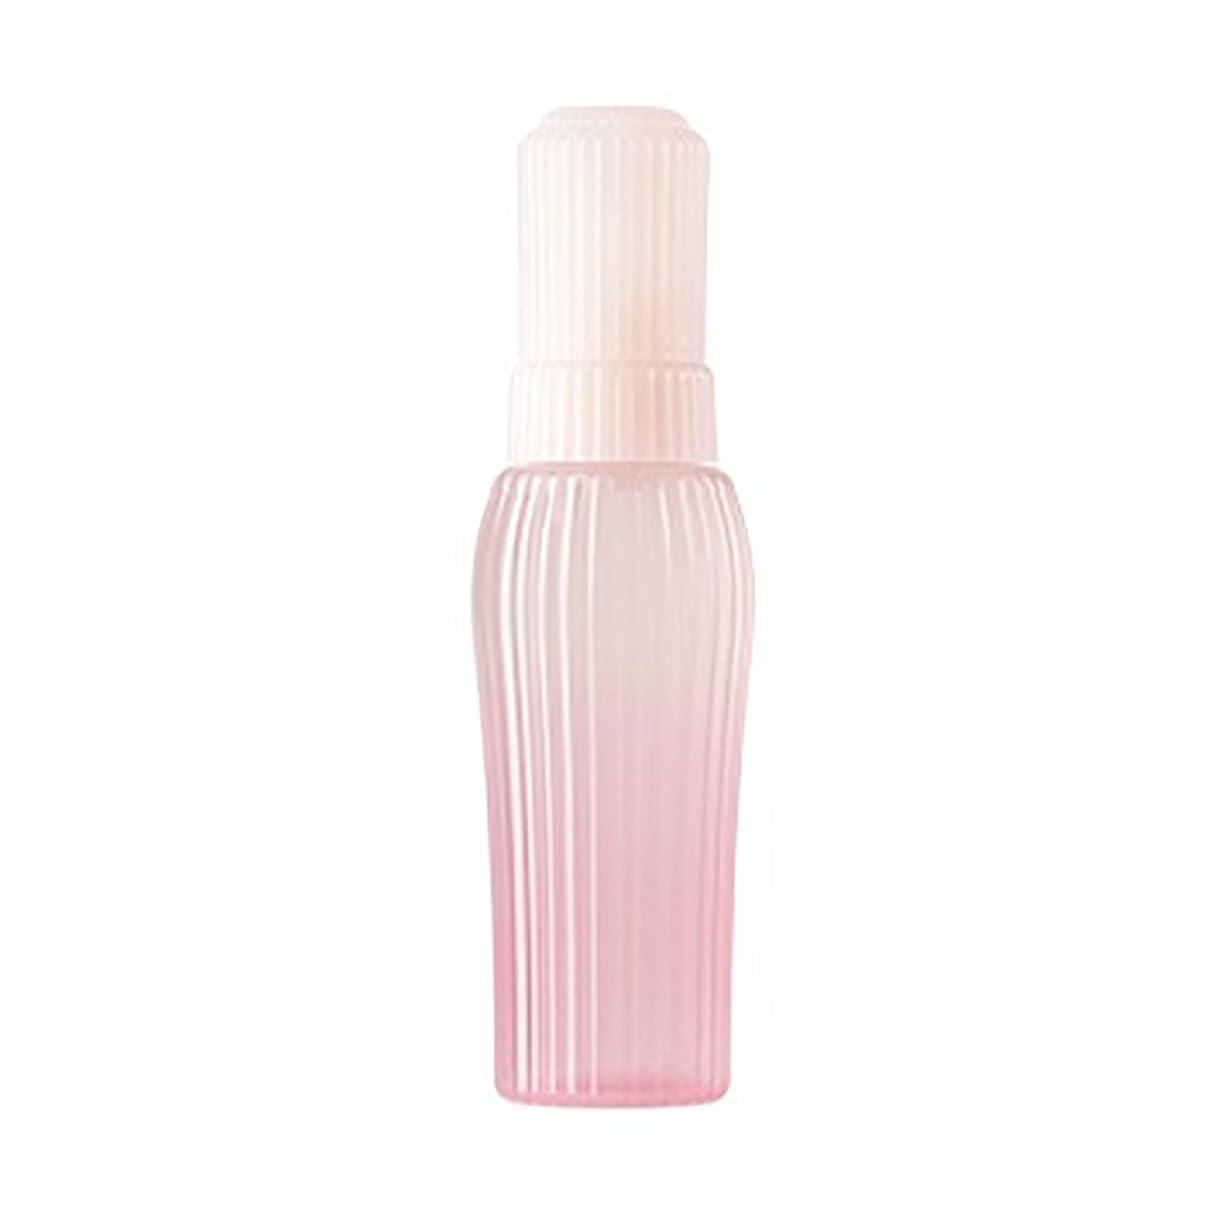 ウィスキー画像押すアユーラ (AYURA) fサインディフェンス スキンエンハンサー (医薬部外品) 130mL 〈敏感肌用 化粧水〉薬用美容水